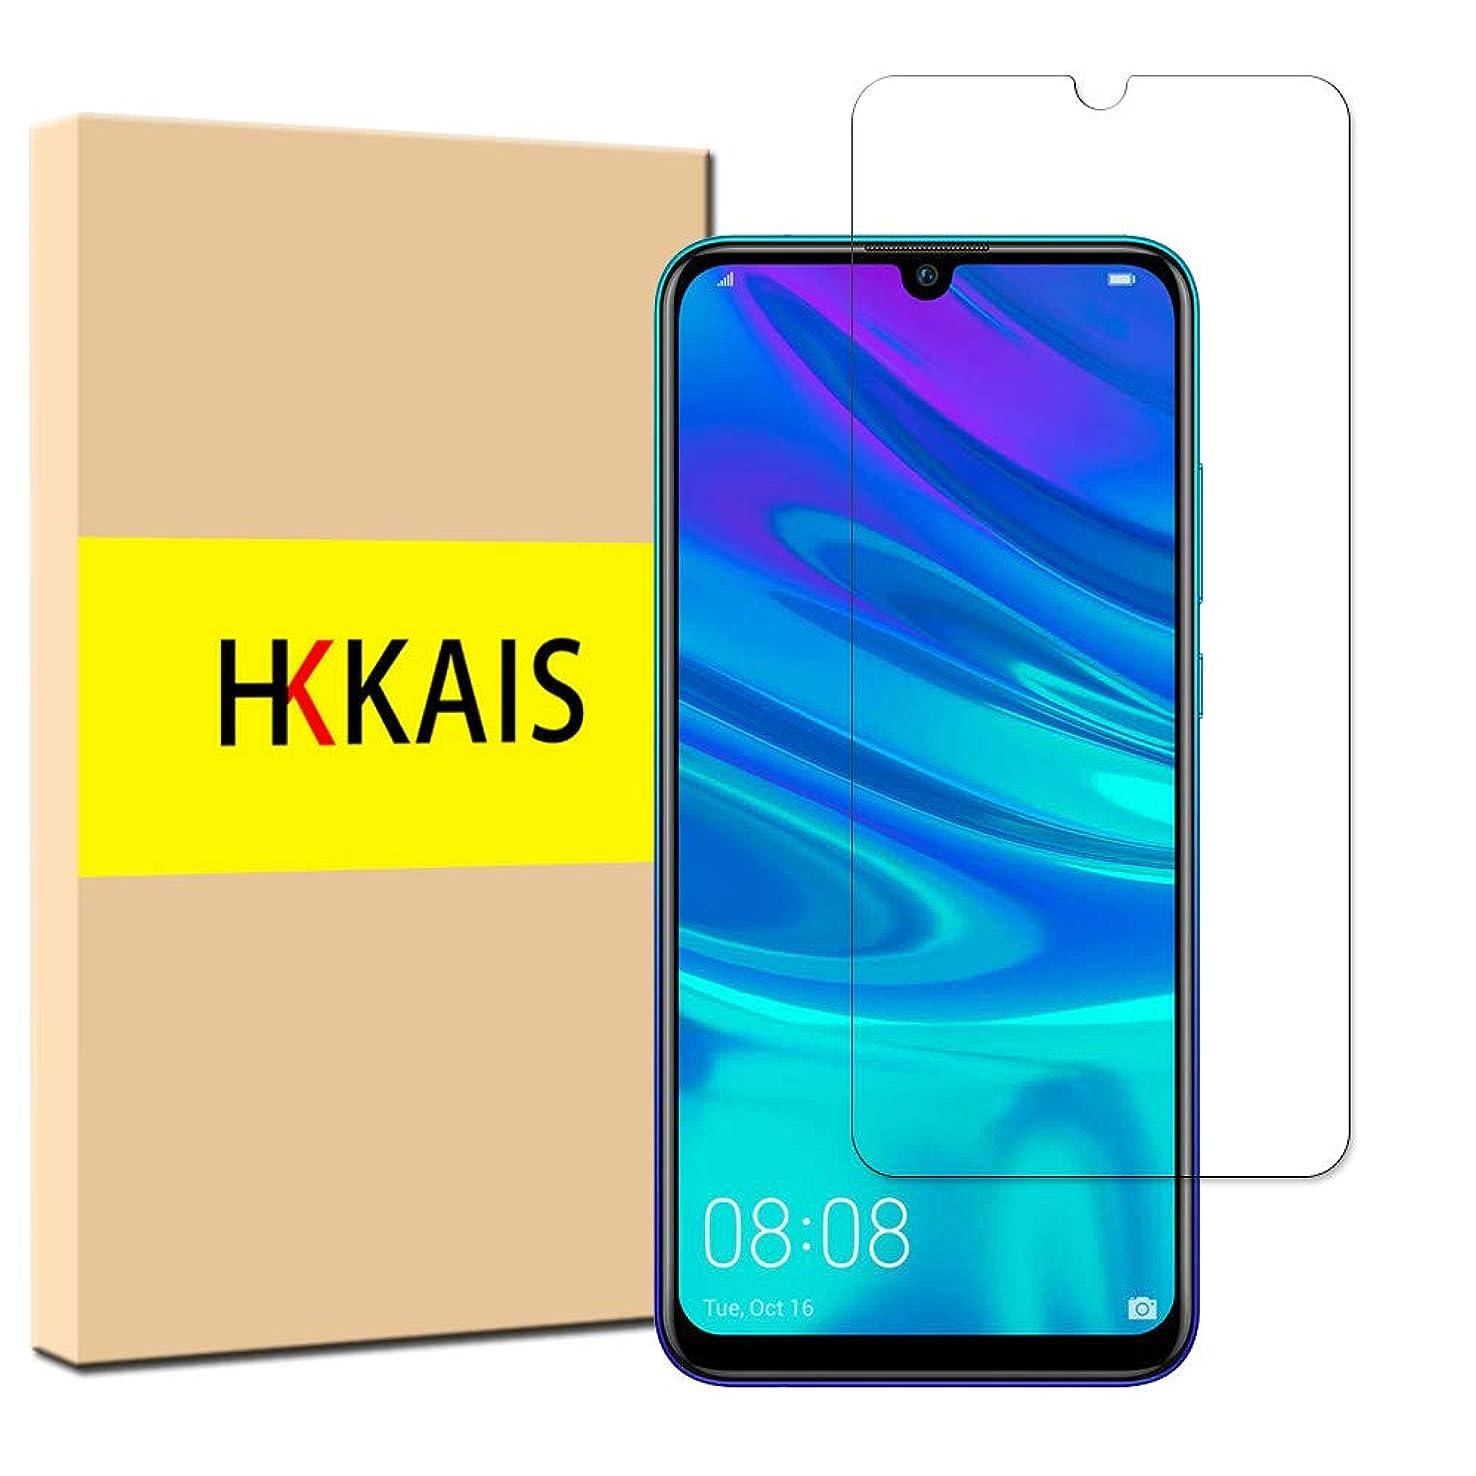 保安困った変装したHUAWEI nova lite 3 Huawei P smart 2019 フィルム 【1枚セット】HKKAIS ガラスフィルム アサヒ強化ガラス採用 日本素材9H硬度 ラウンドエッジ加工 強化液晶保護フィルム